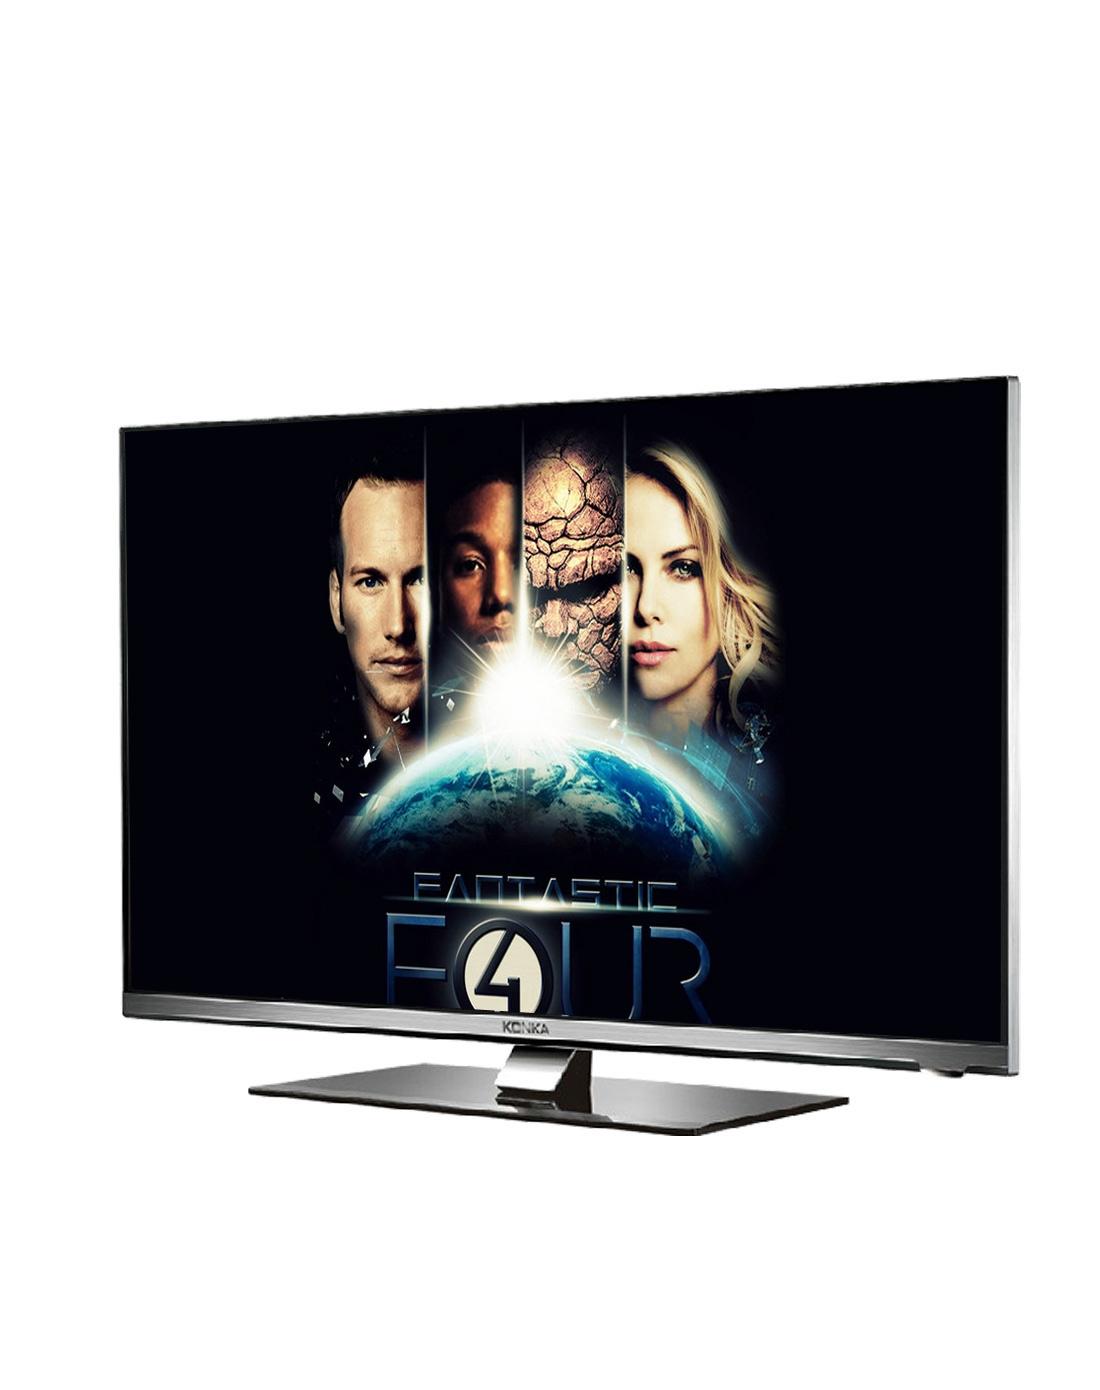 康佳konka电视专场50寸智能led超薄液晶电视,节能安卓